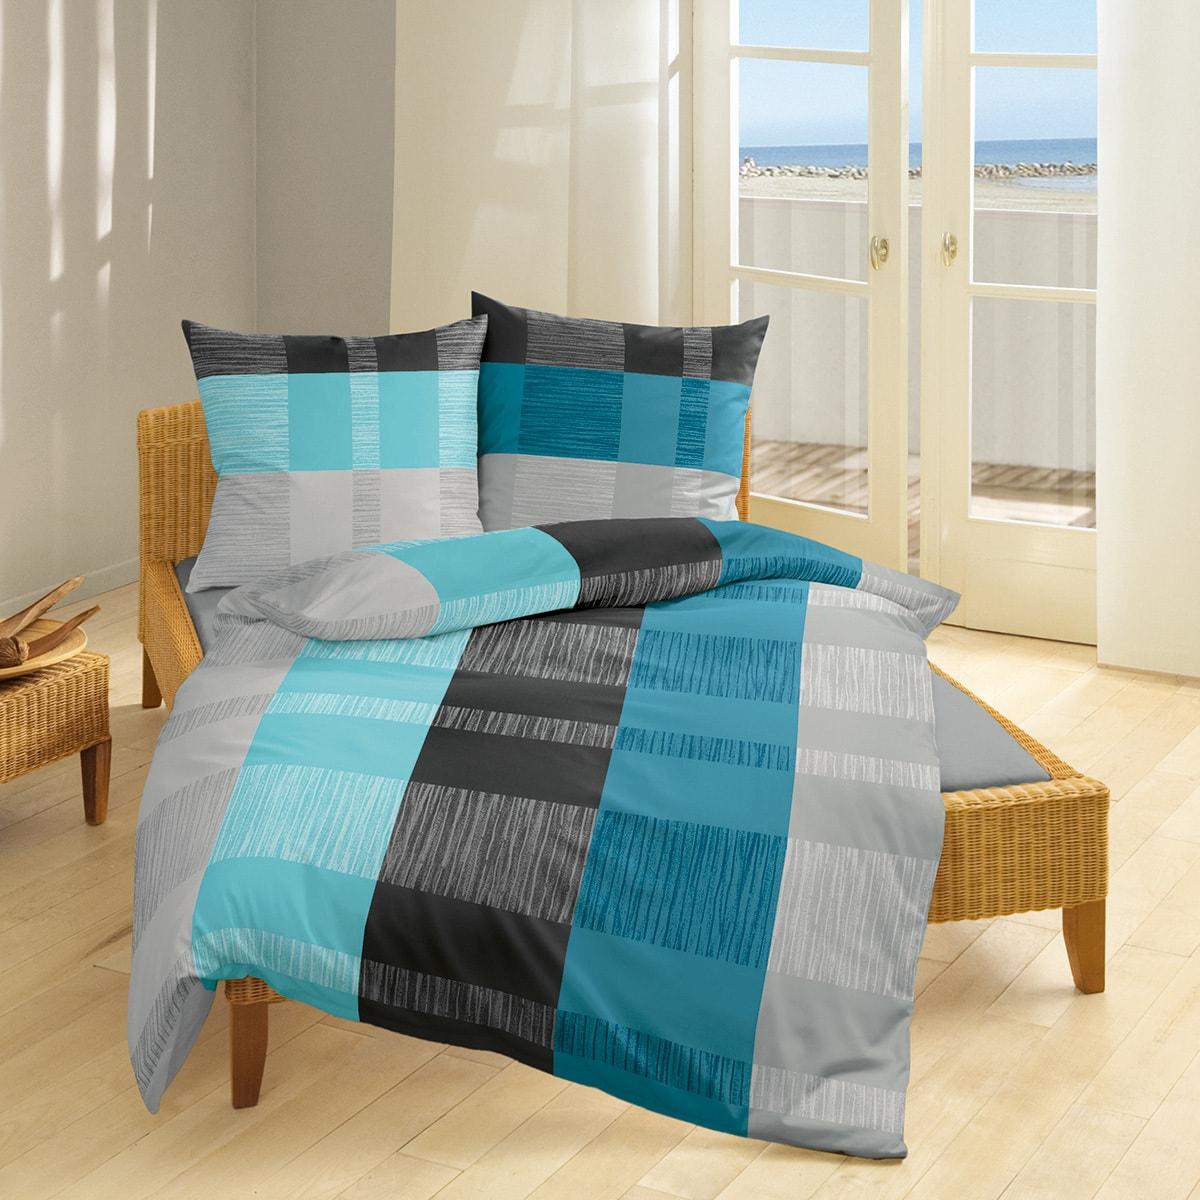 bierbaum single jersey bettw sche 3105 t rkis g nstig online kaufen bei bettwaren shop. Black Bedroom Furniture Sets. Home Design Ideas